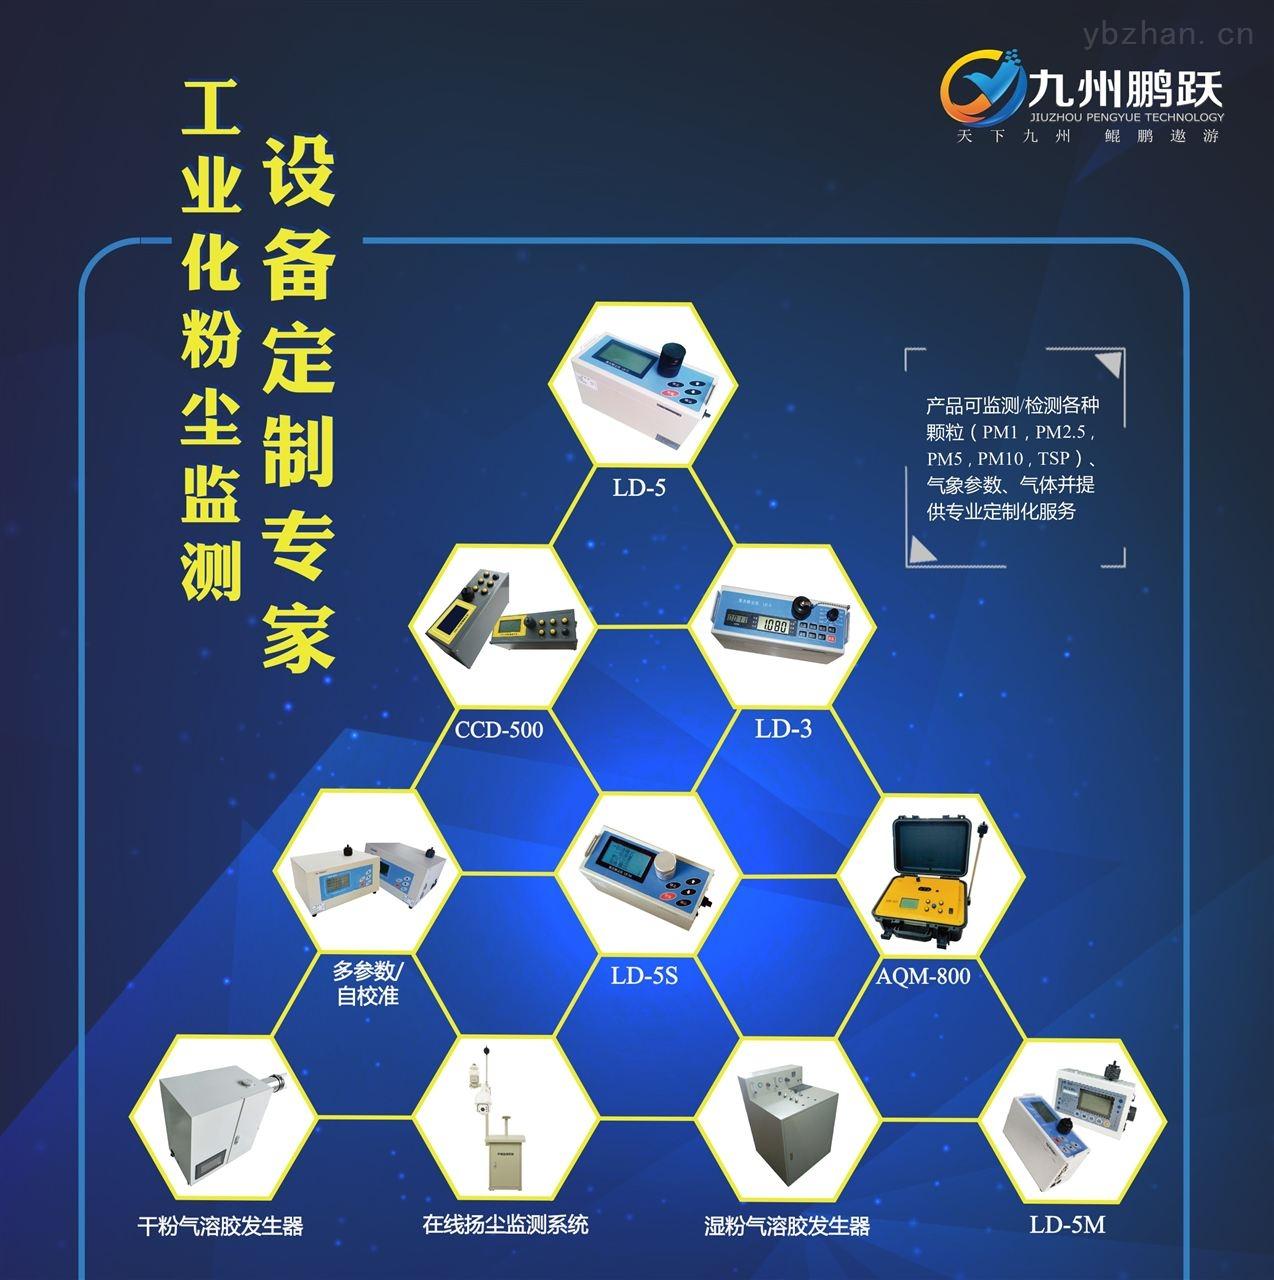 LD-5M-九州鵬躍 多參數激光粉塵儀